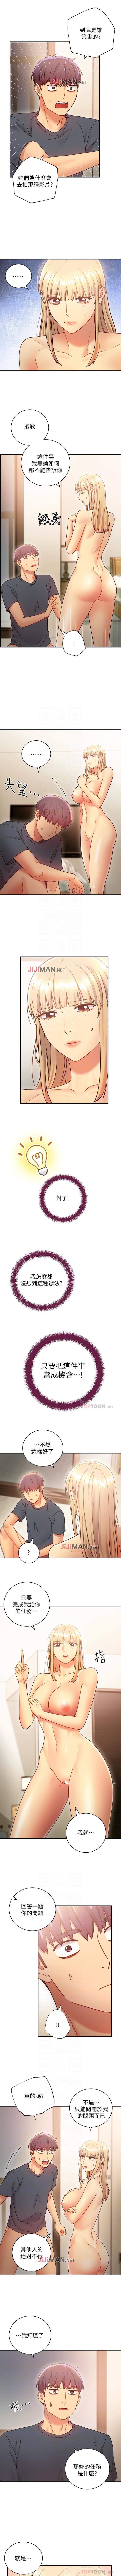 【周二连载】继母的朋友们(作者:Red-A&頸枕) 第1~39话 181